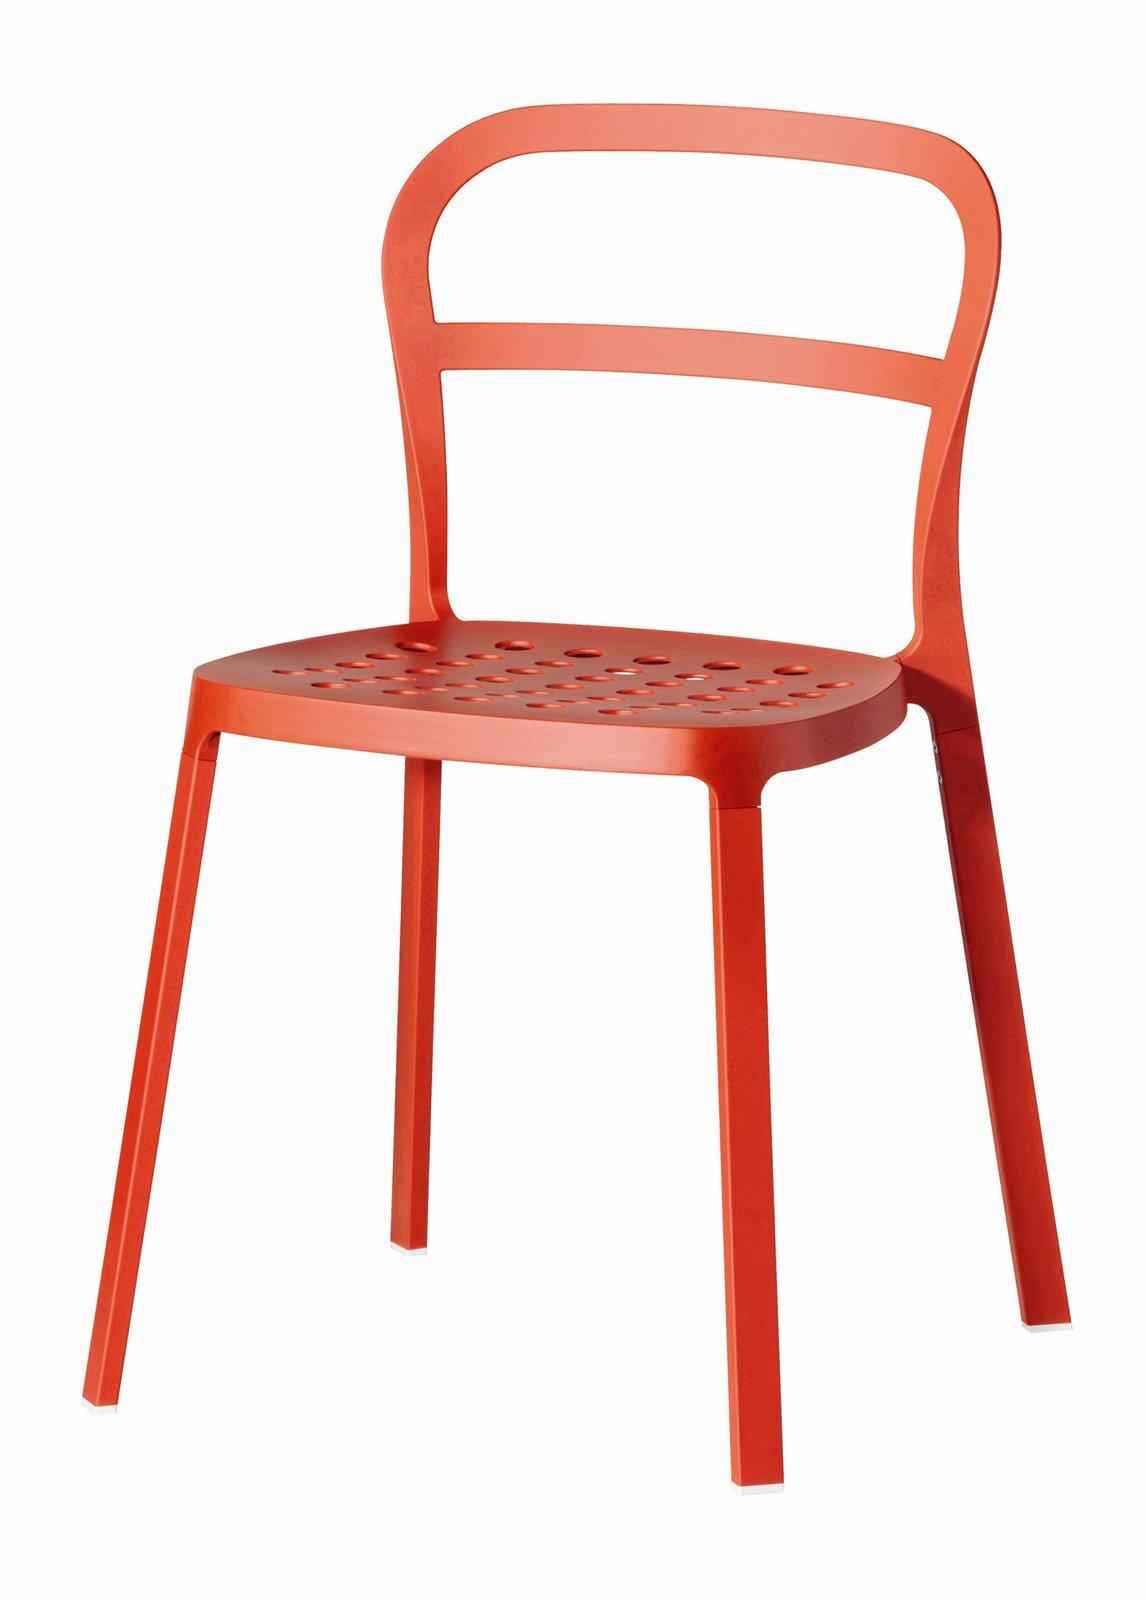 Sedie low cost 15 modelli a meno di 100 euro cose di casa - Ikea sedie da esterno ...